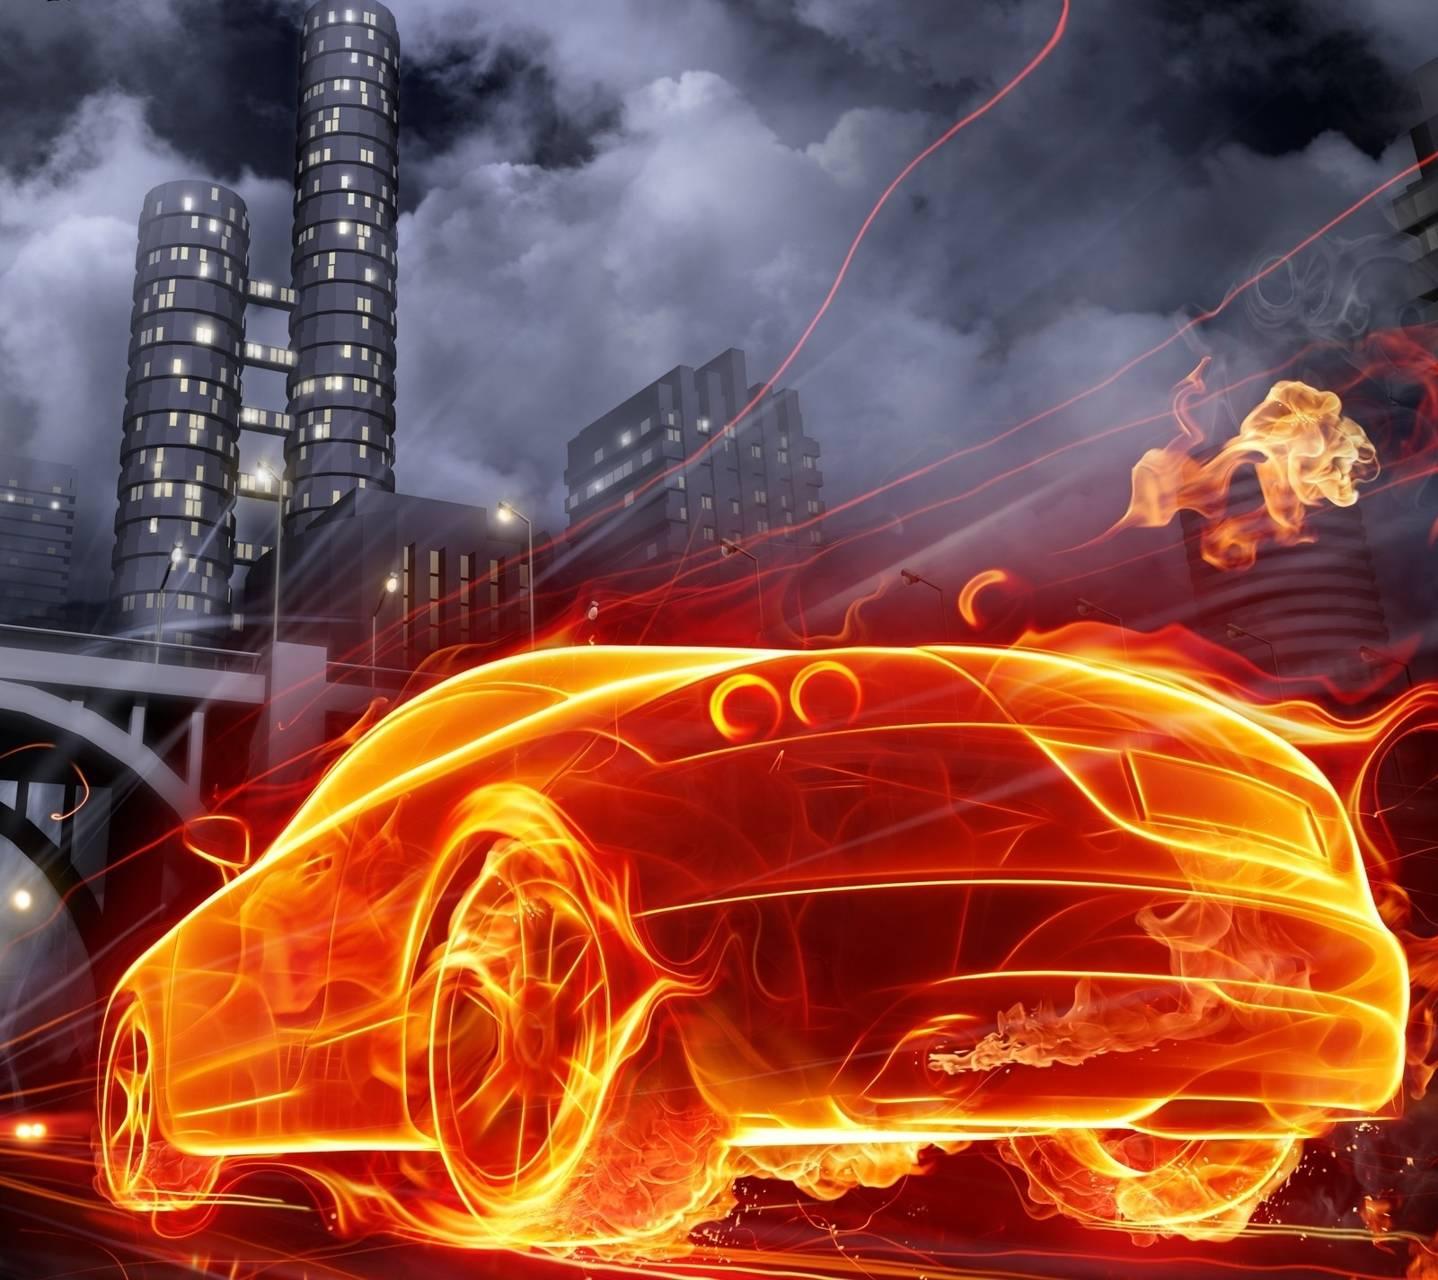 Audi TT Fire Art